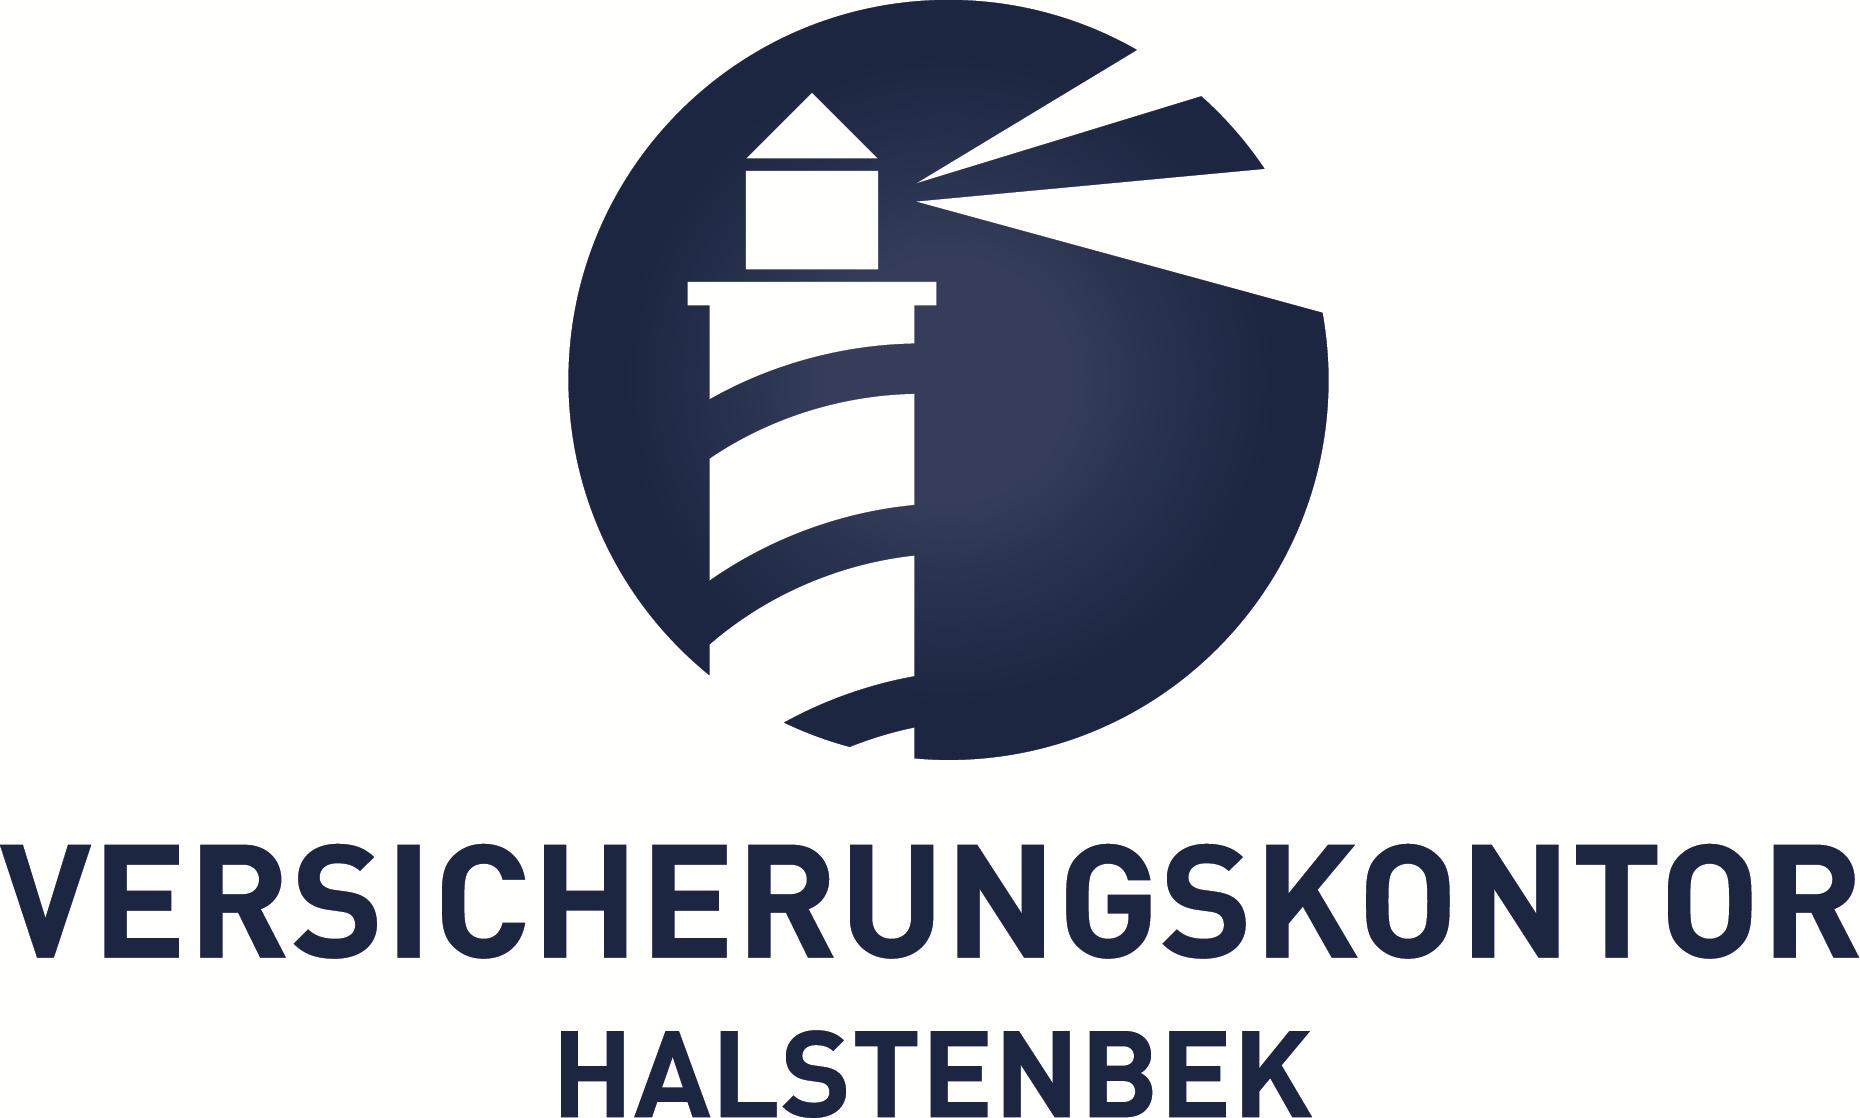 Versicherungskontor Halstenbek KG